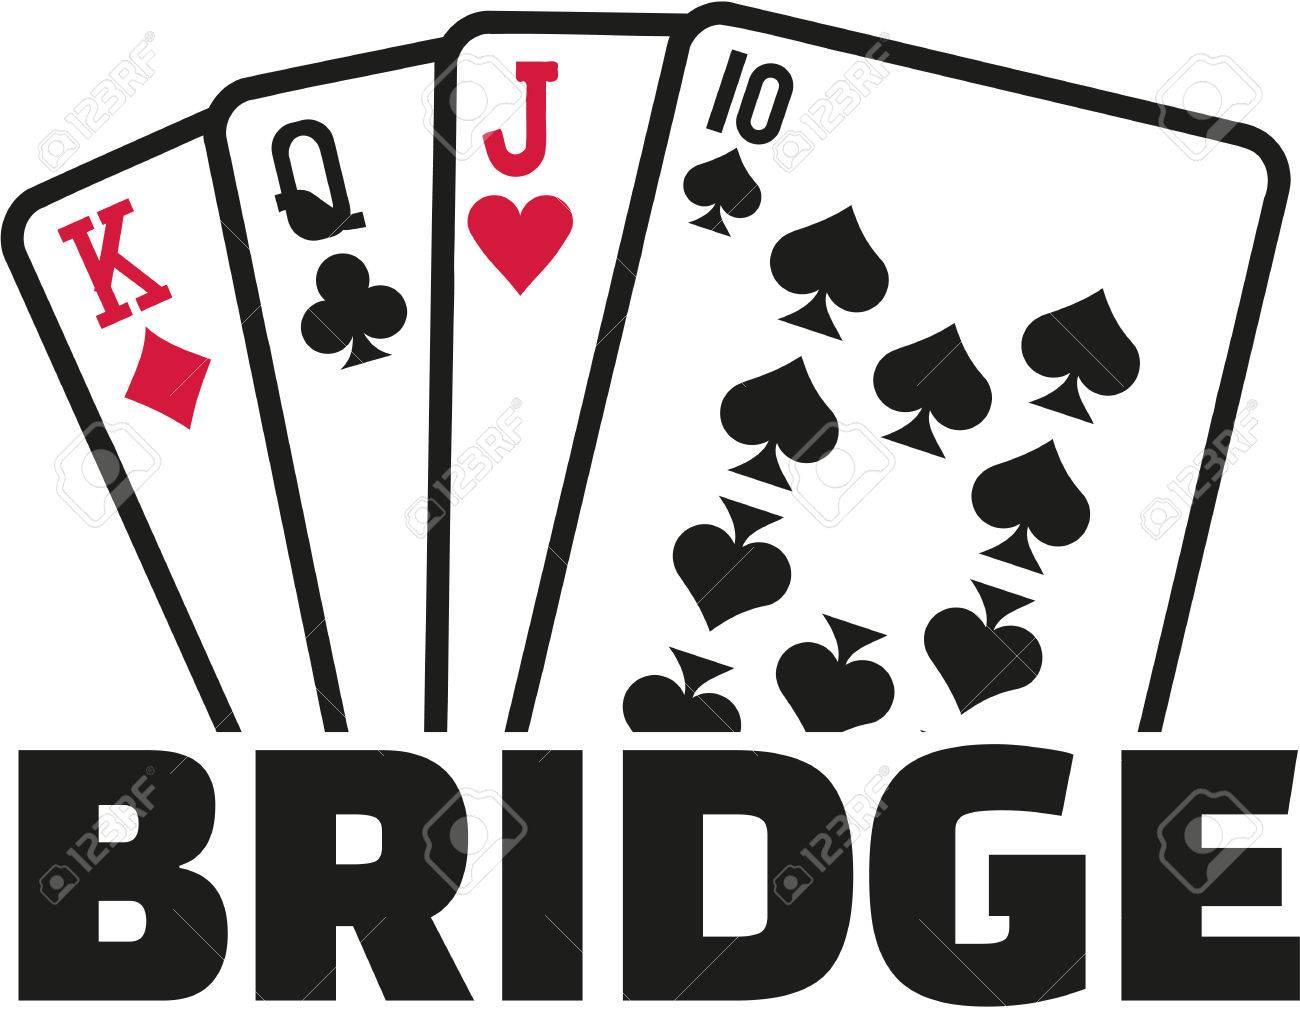 Bridge cards.